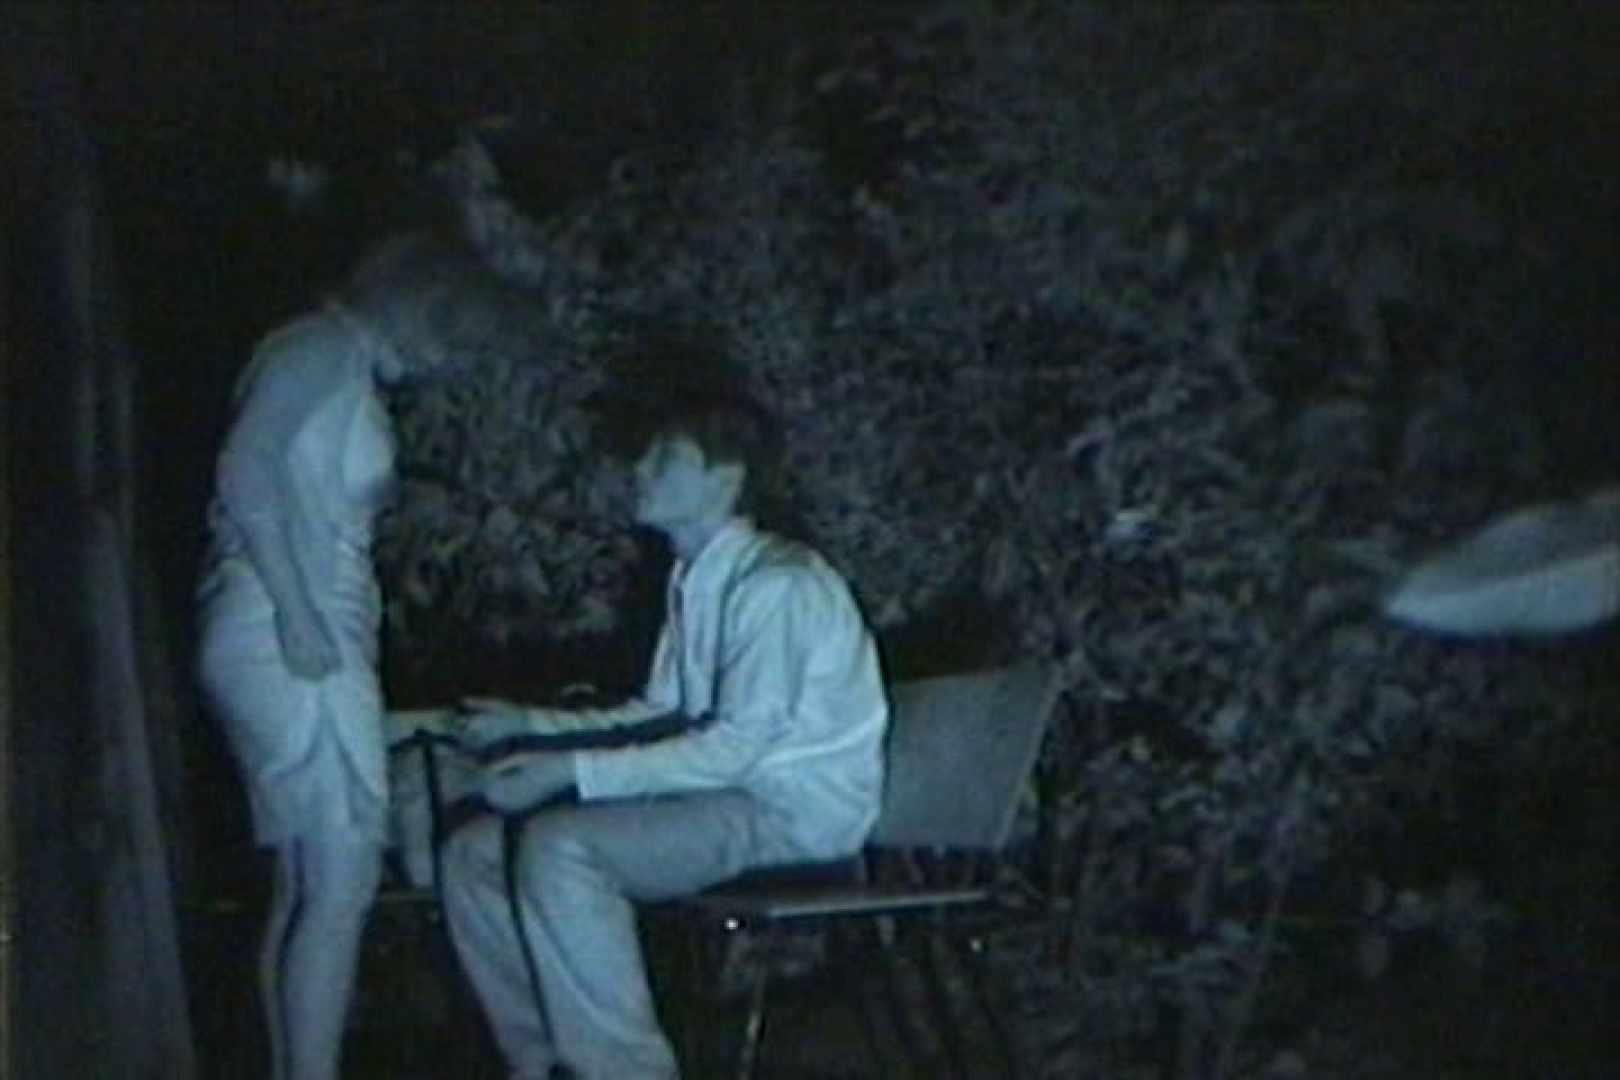 闇の仕掛け人 無修正版 Vol.24 ラブホテル隠し撮り ヌード画像 101pic 89